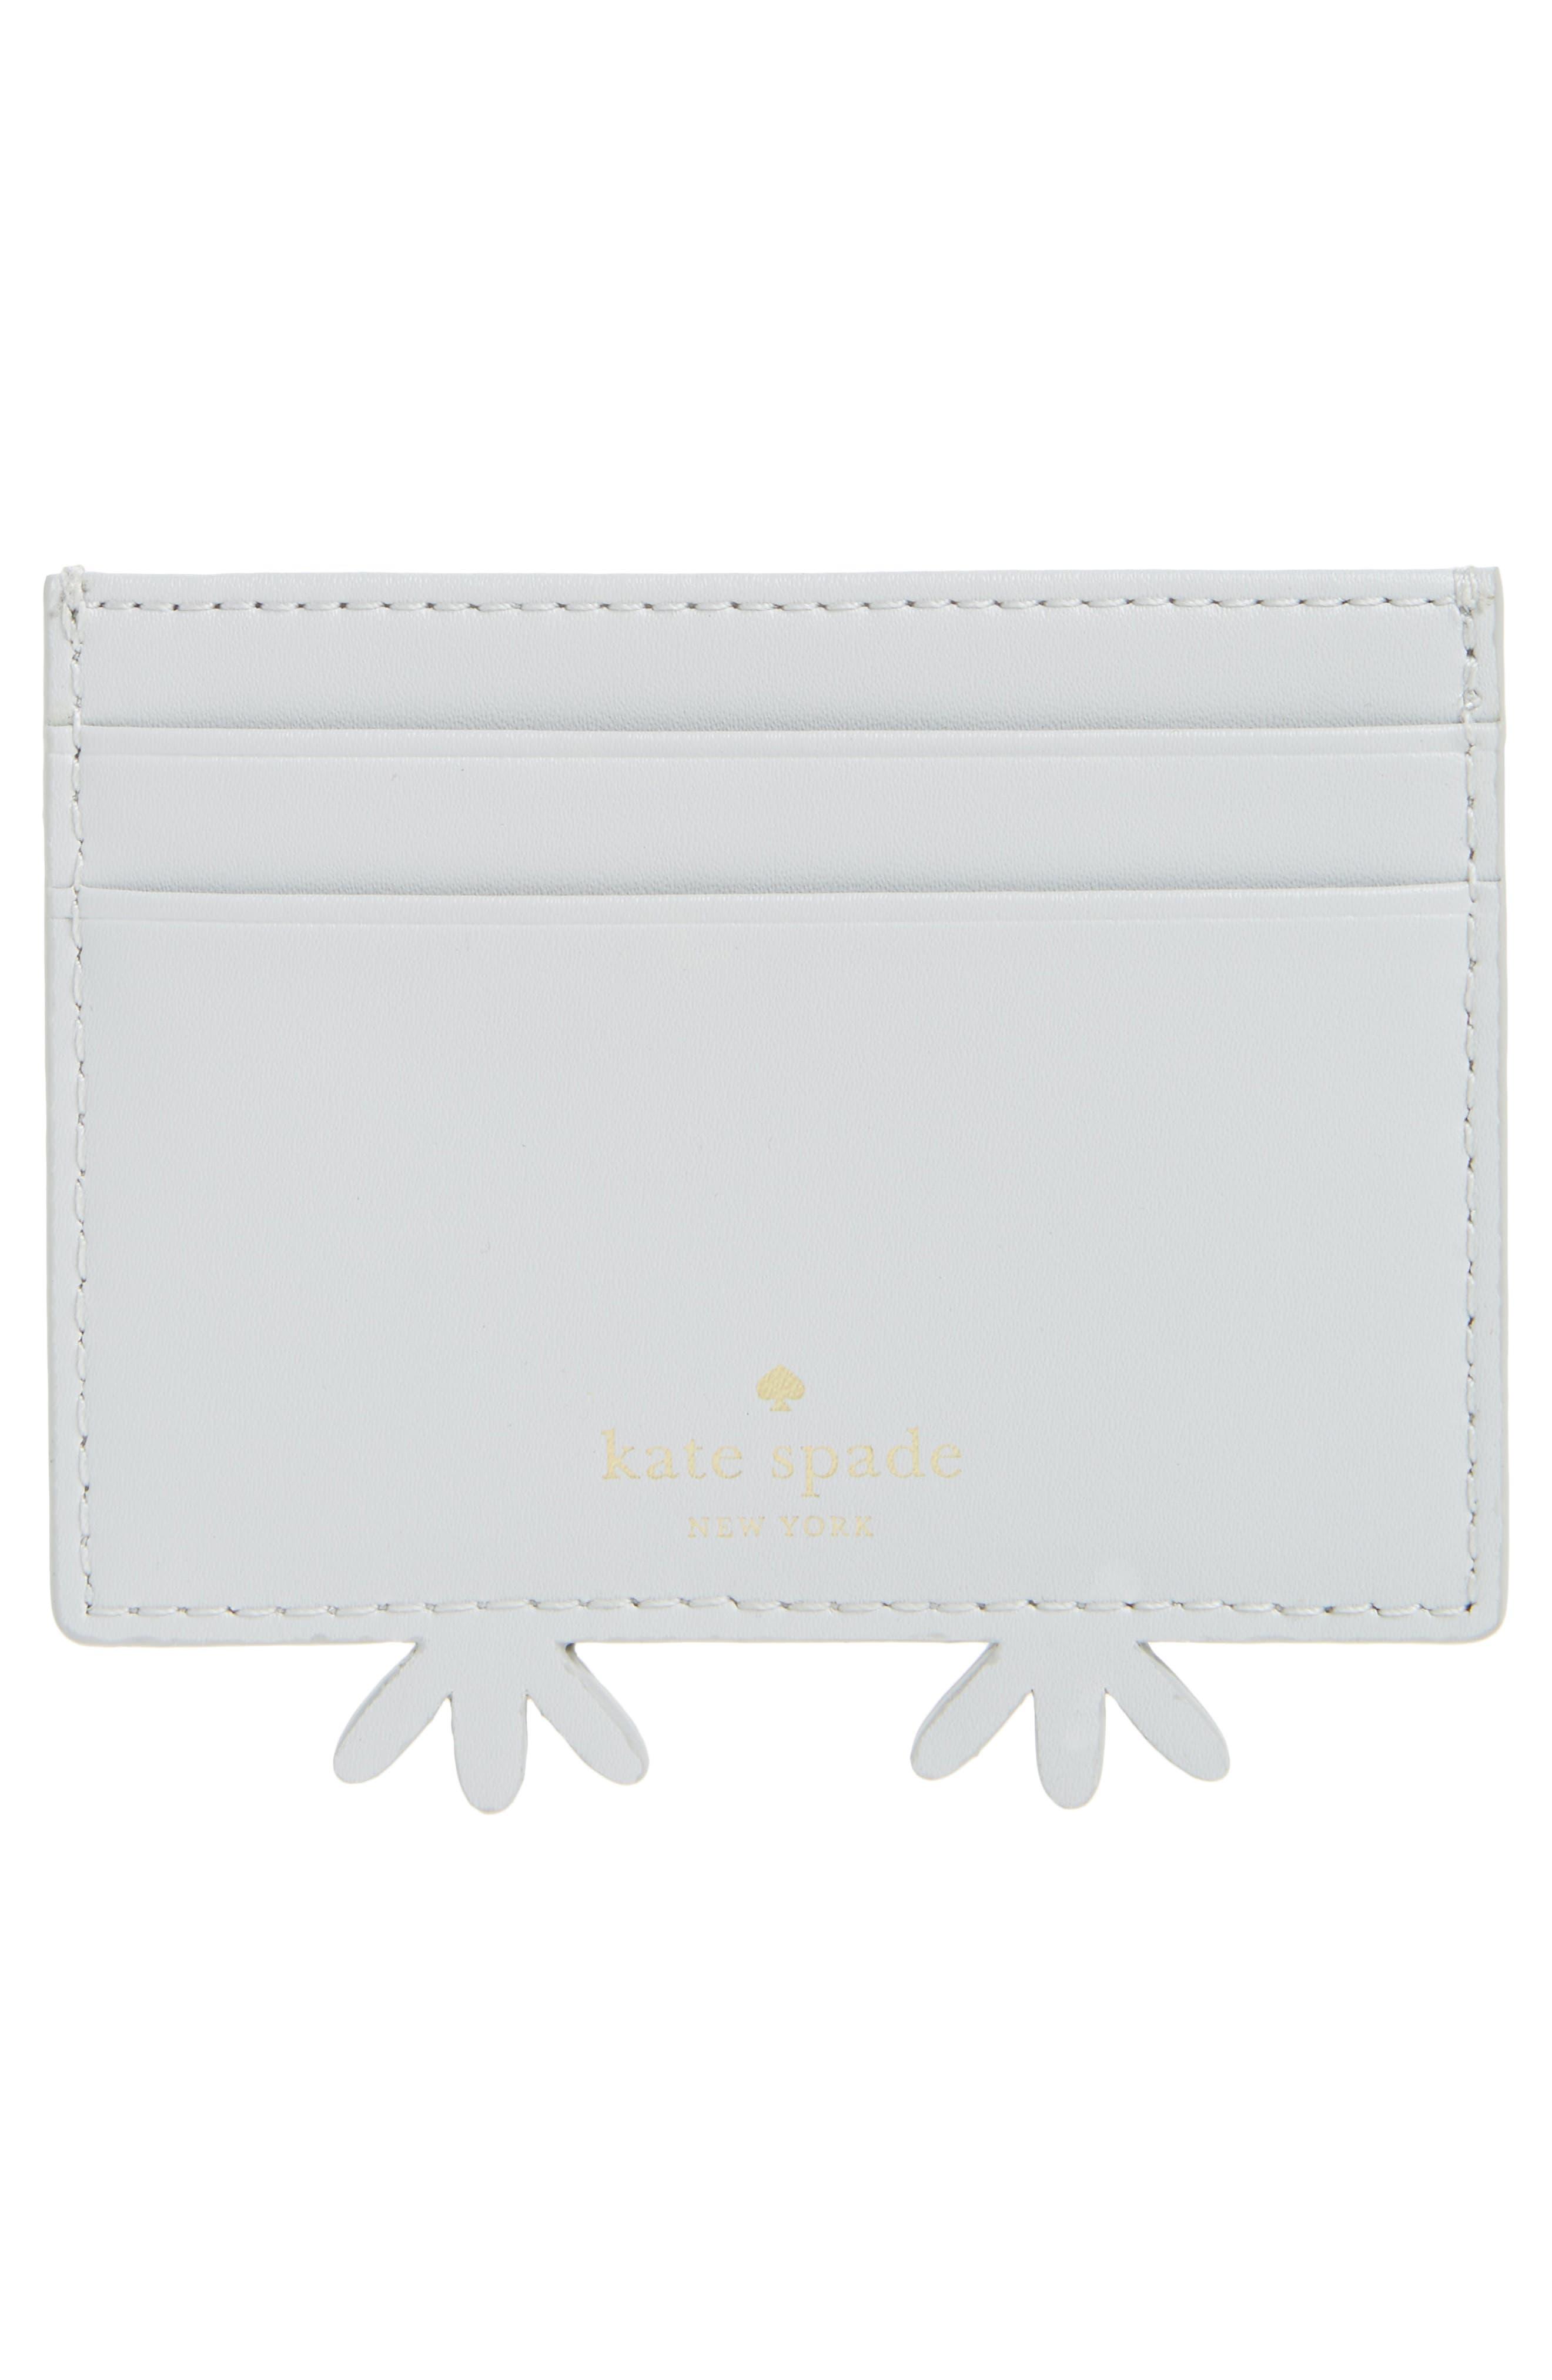 starbright owl leather card holder,                             Alternate thumbnail 2, color,                             100